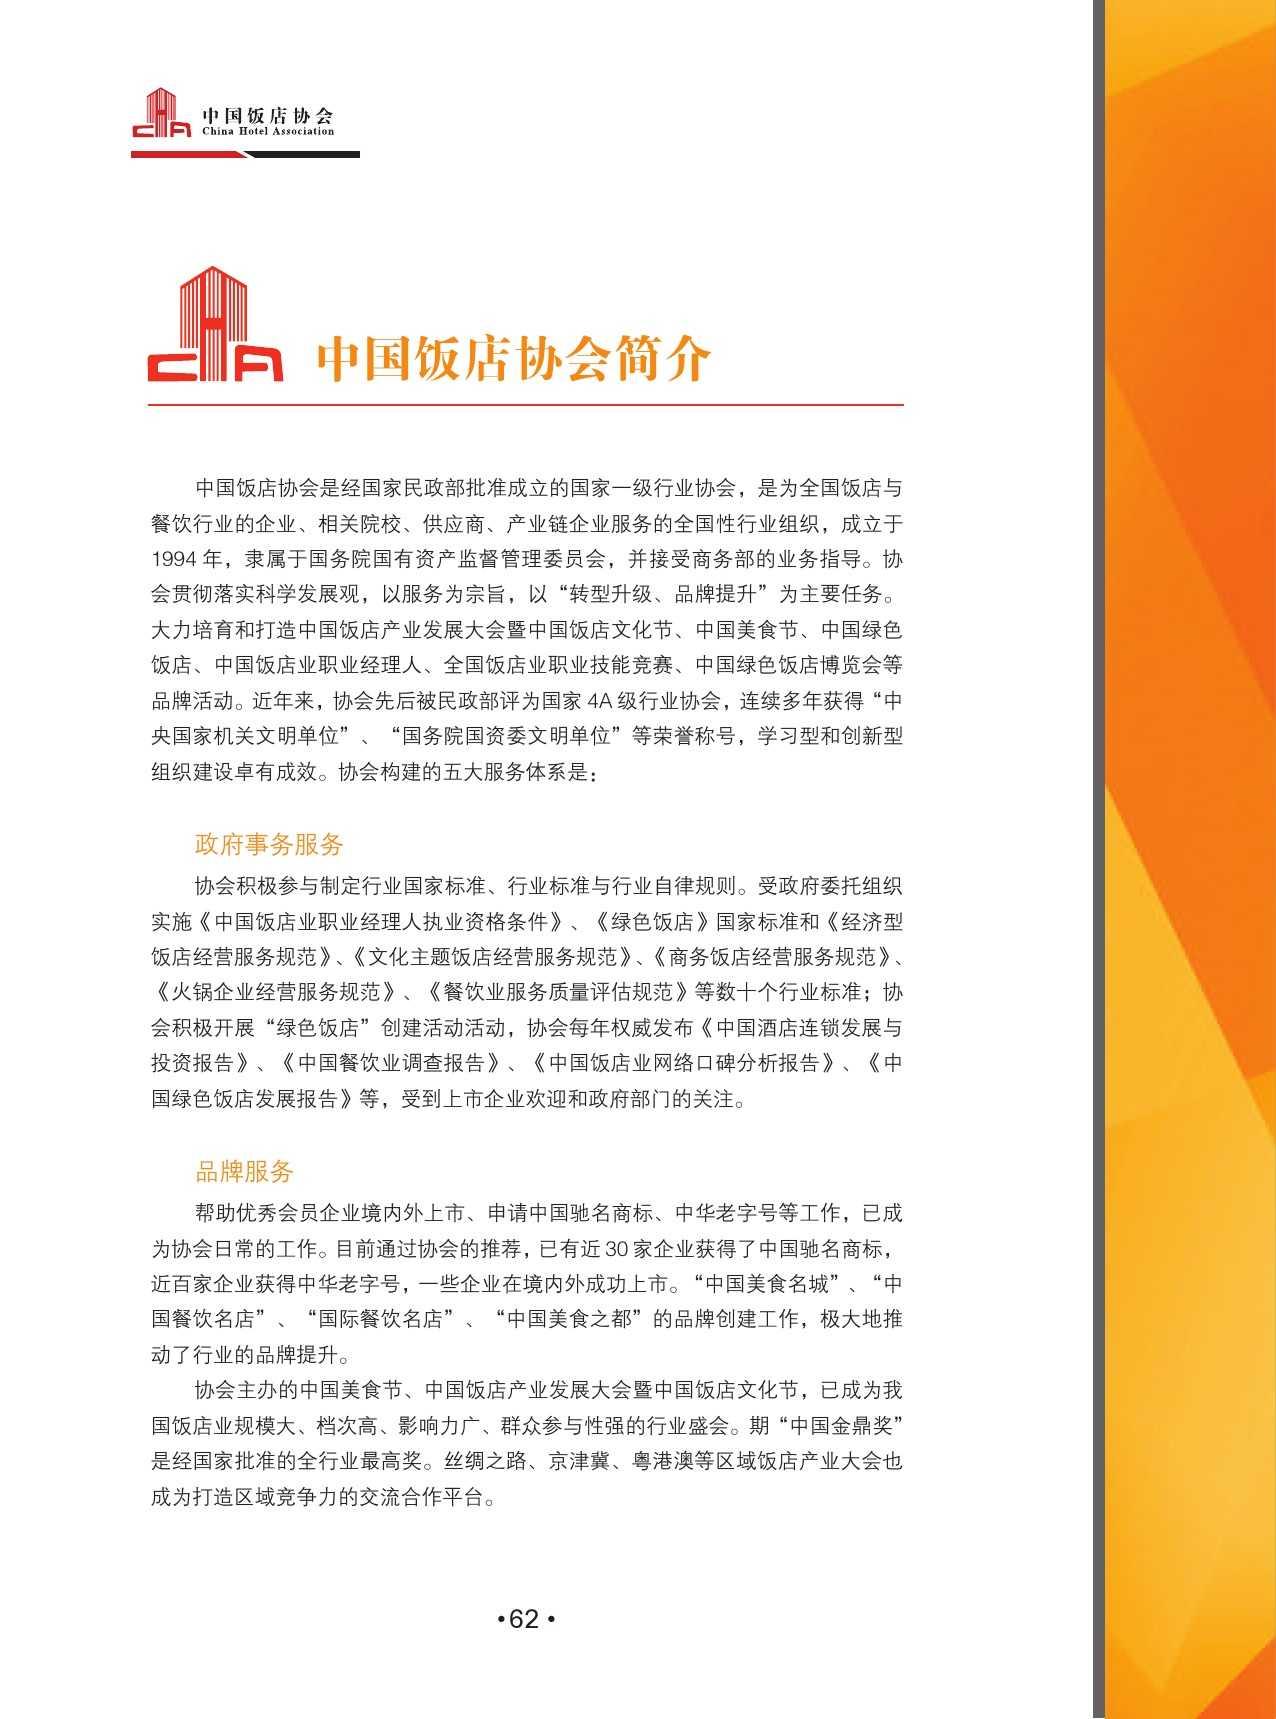 2015中国餐饮消费需求大数据分析报告_000064